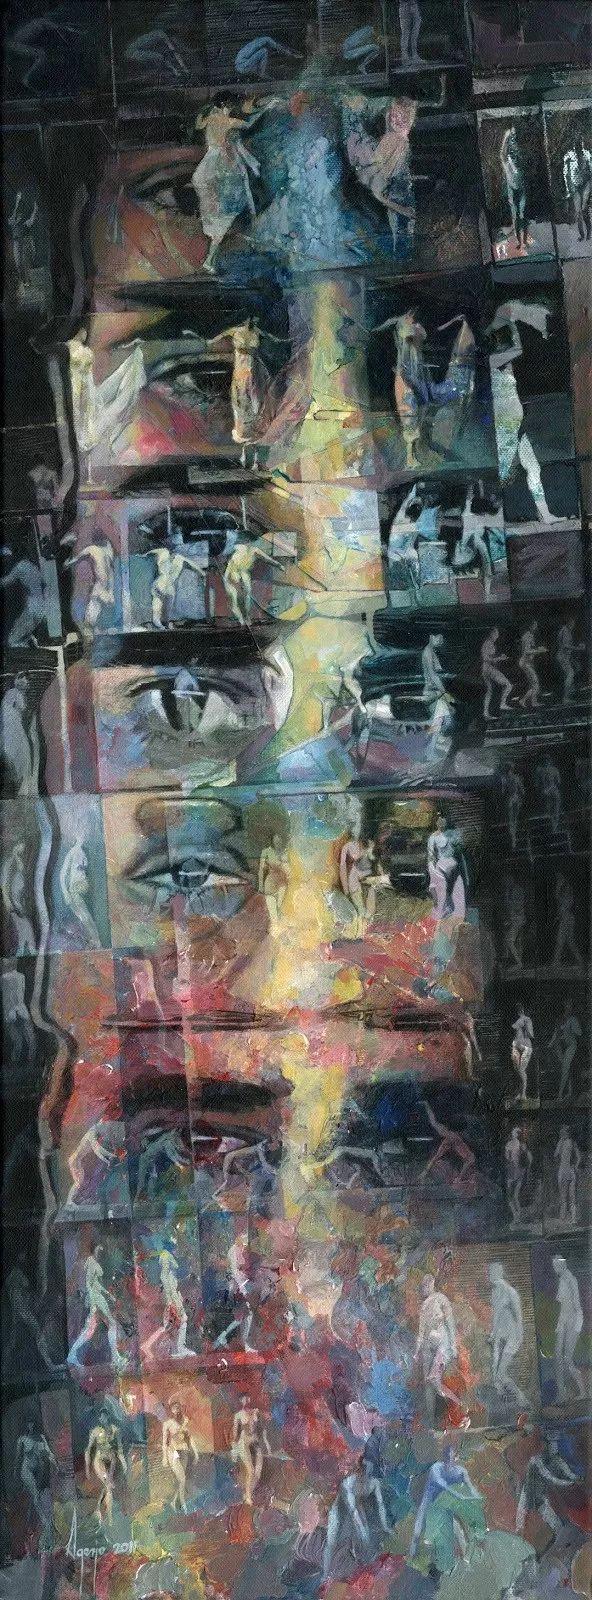 厚重笔触下的缤纷色彩,英国画家David Agenjo插图8